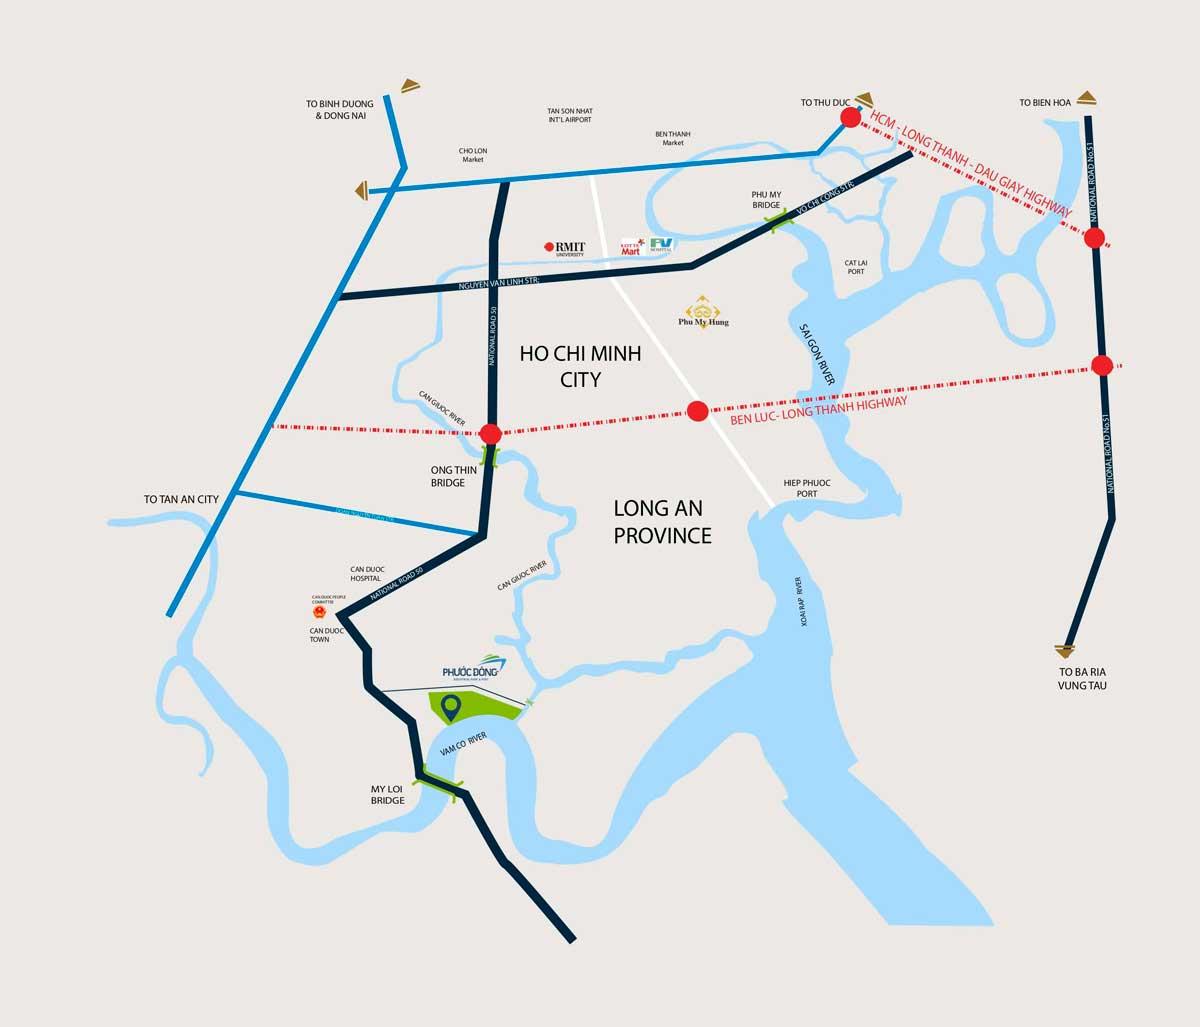 Vi tri KCN Cau cang Phuoc Dong - Vị-trí-KCN-Cầu-cảng-Phước-Đông